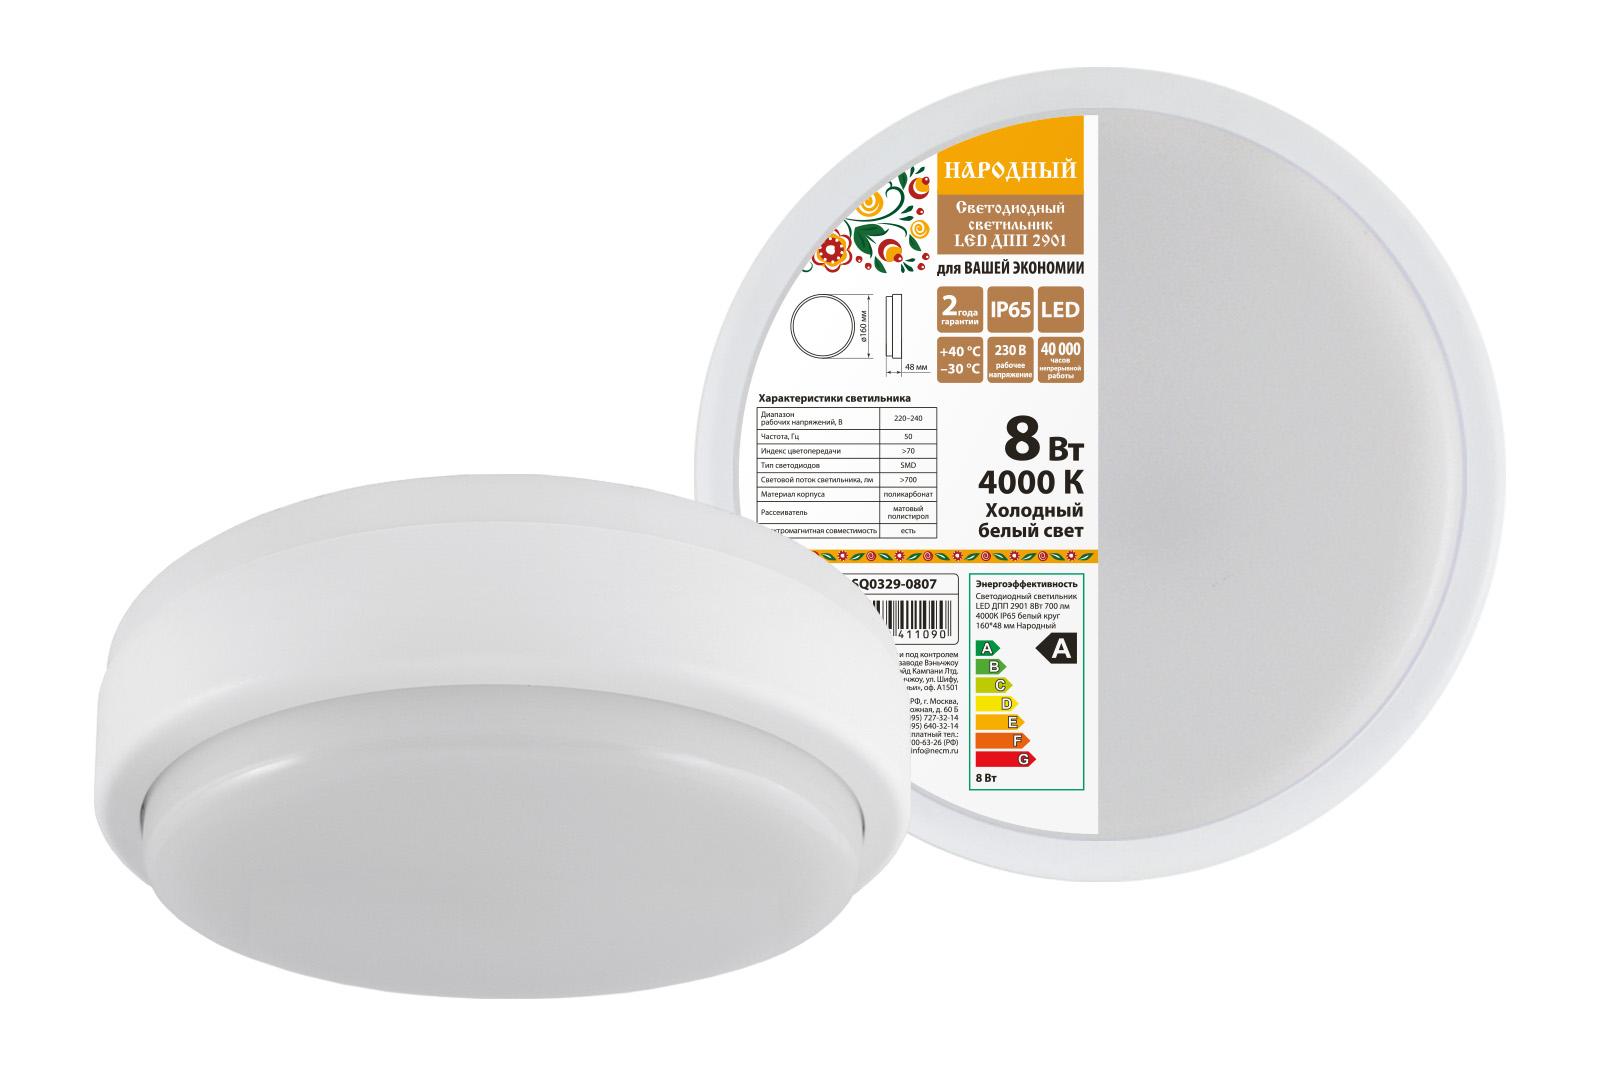 Фото Светодиодный светильник LED ДПП 2901 8Вт 700 лм 4000К IP65 белый круг 160*48 мм Народный {SQ0329-0807}